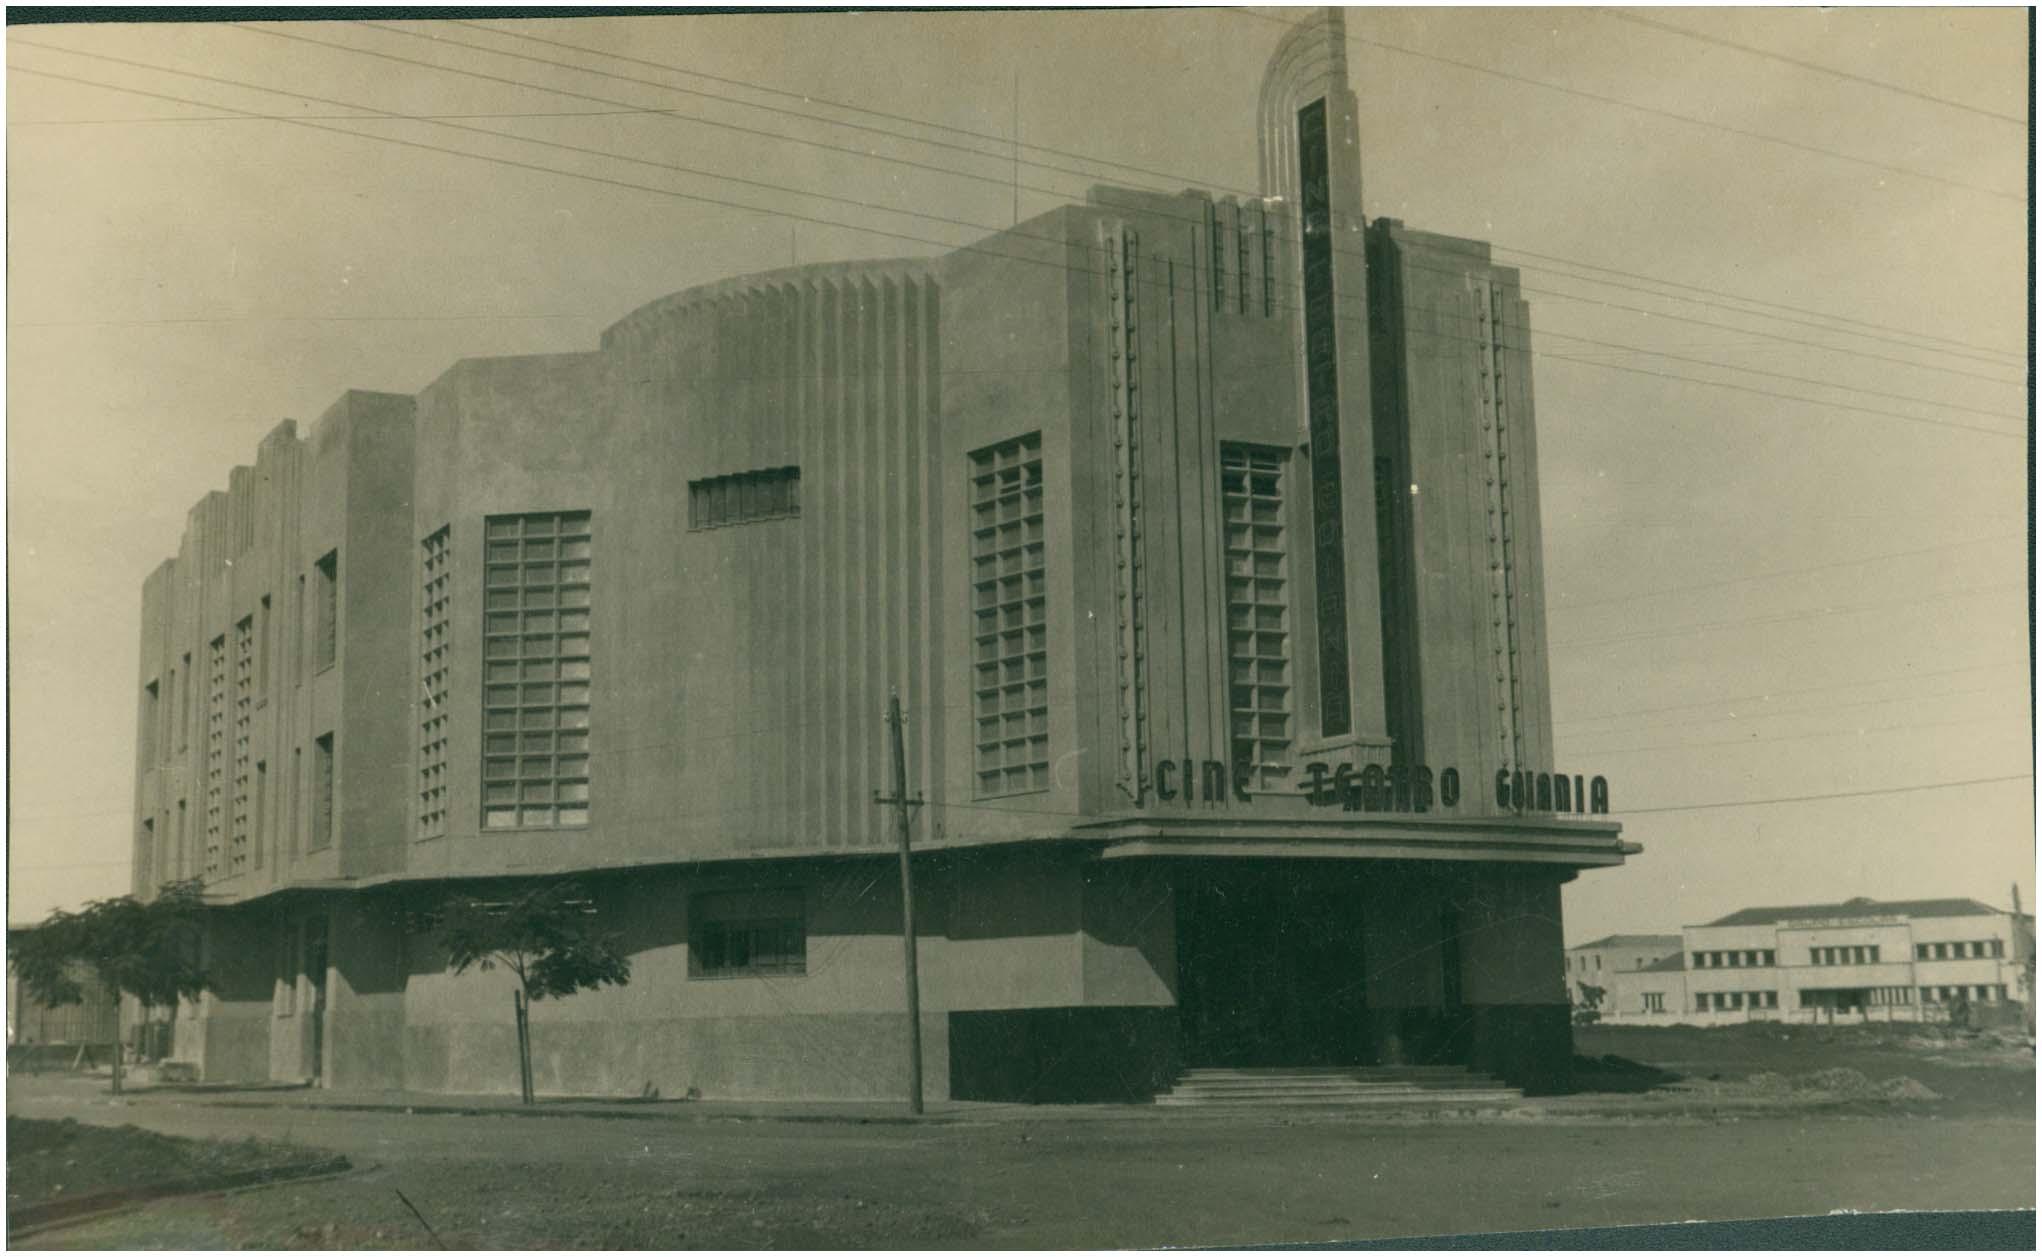 Teatro Goiânia: símbolo do Art Déco goianiense e da cultura de Goiás